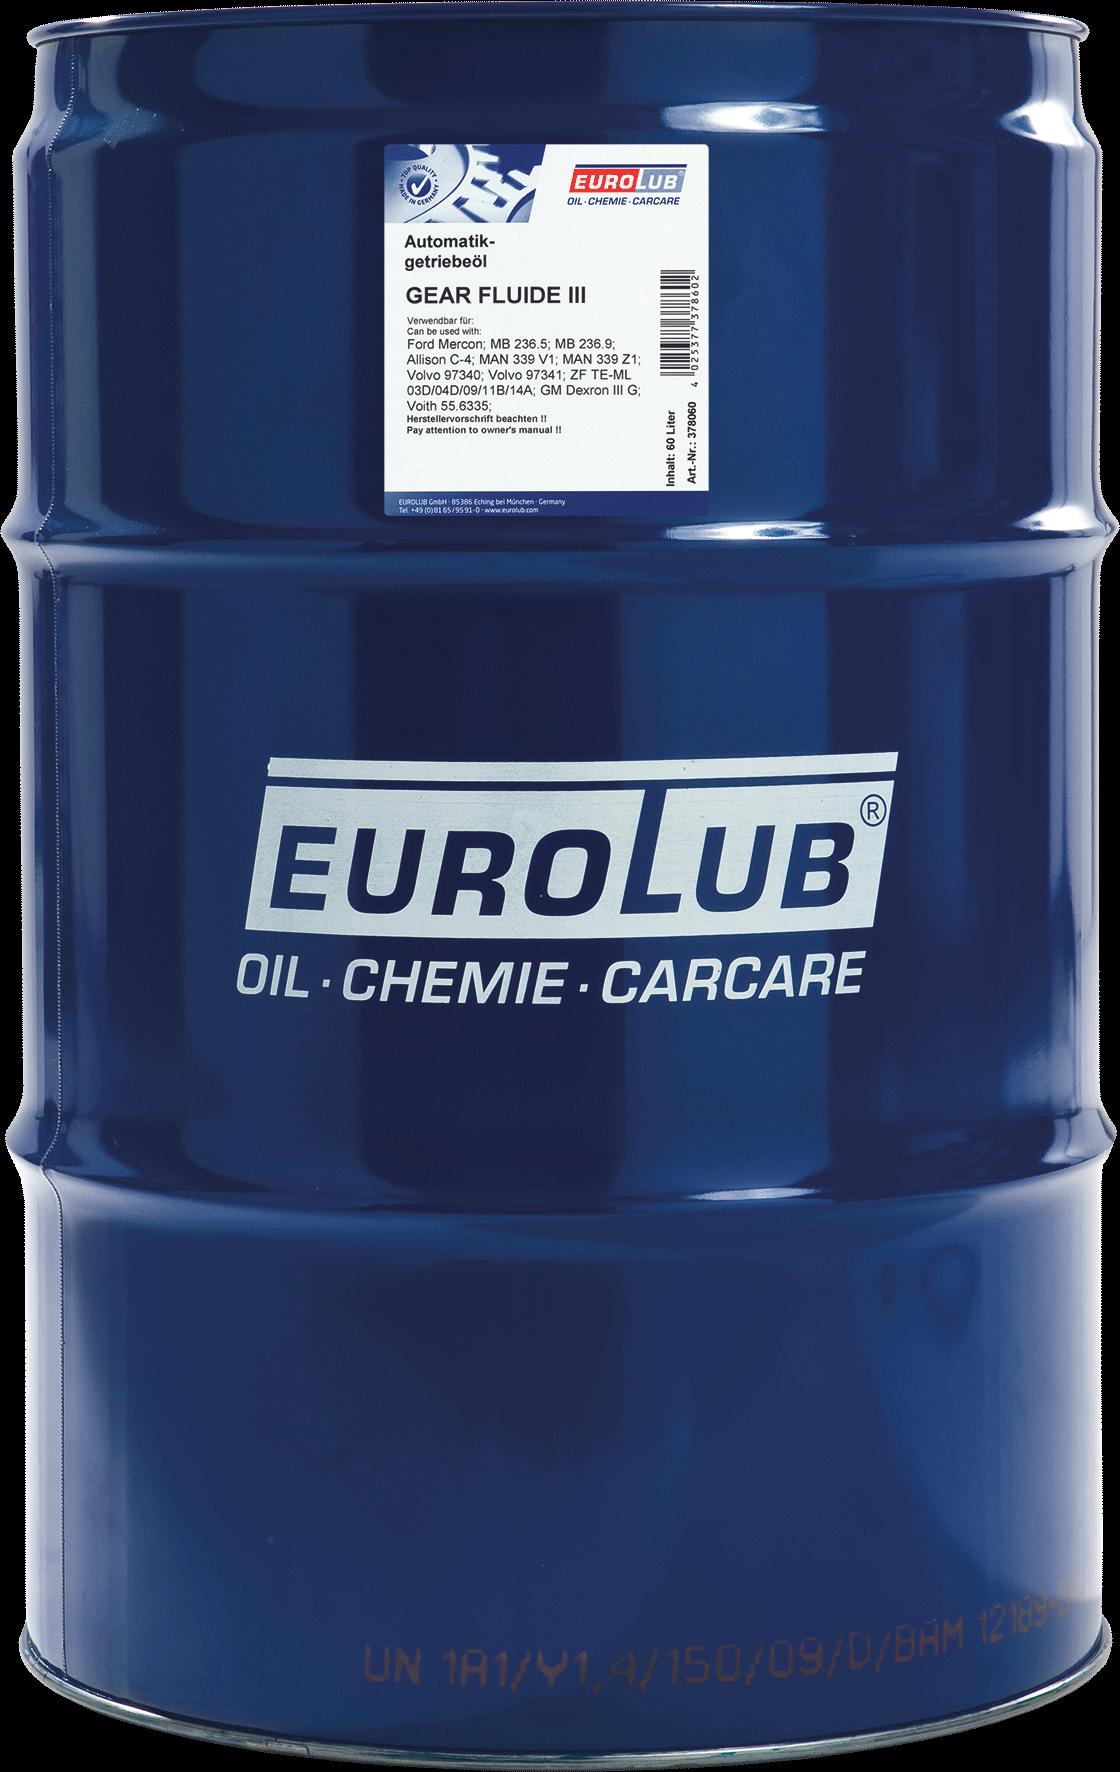 EUROLUB Gear Fluide III